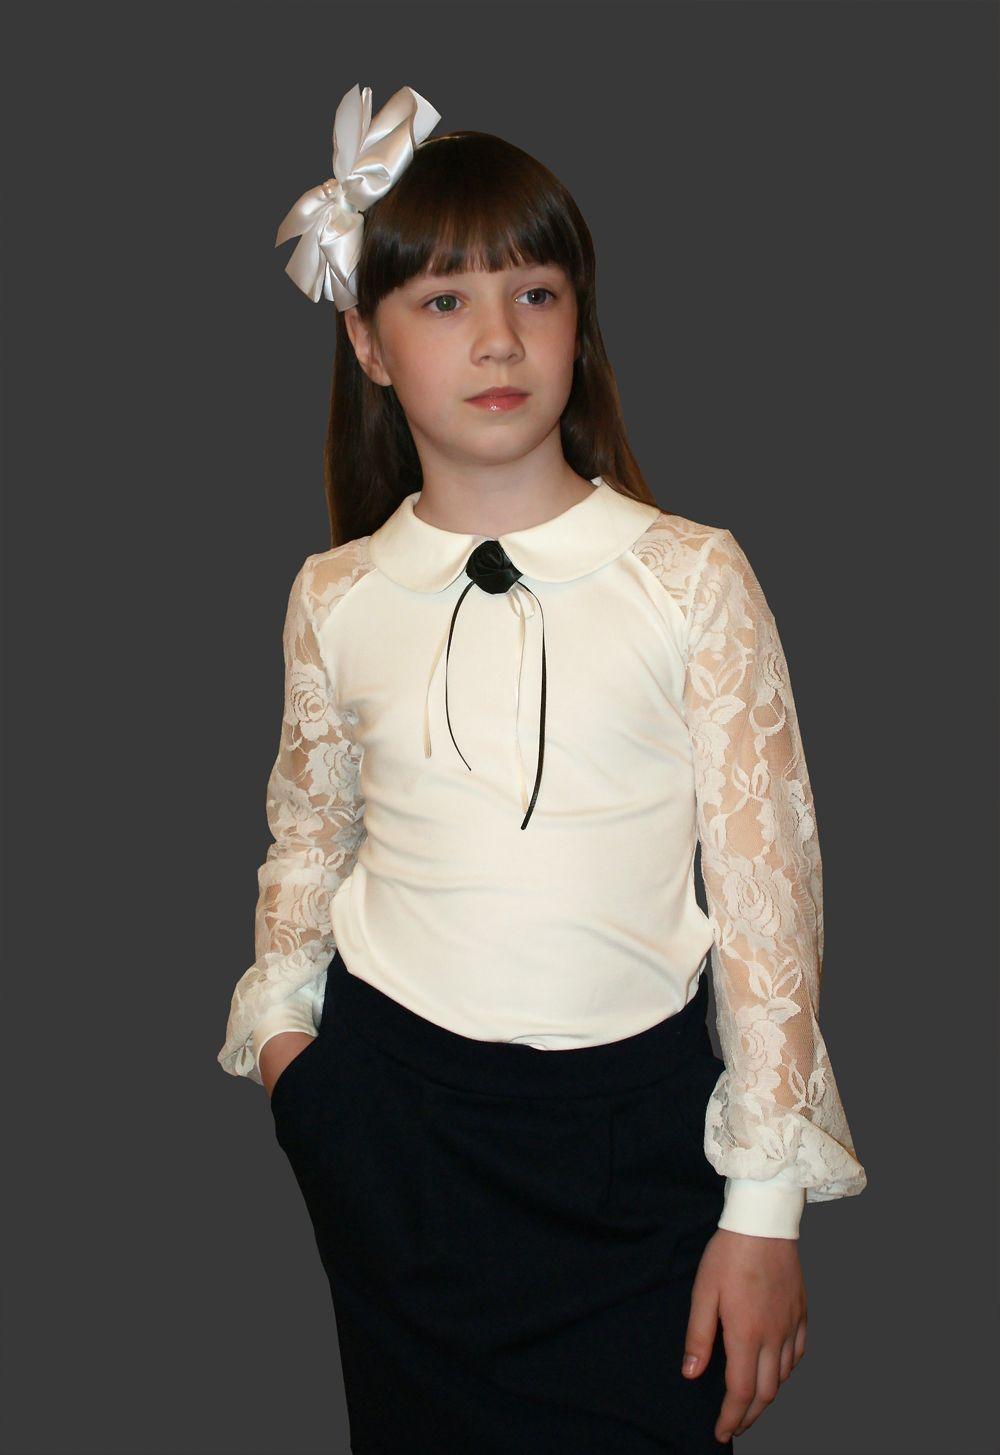 Сбор заказов. Красивая одежда для детей М@ттiель-15. Акция поставщика - 30% на коллекцию лето 2015 и мальчики! Нарядные блузки для школы от 295руб. Любые размеры от 98 до 158 роста без рядов.